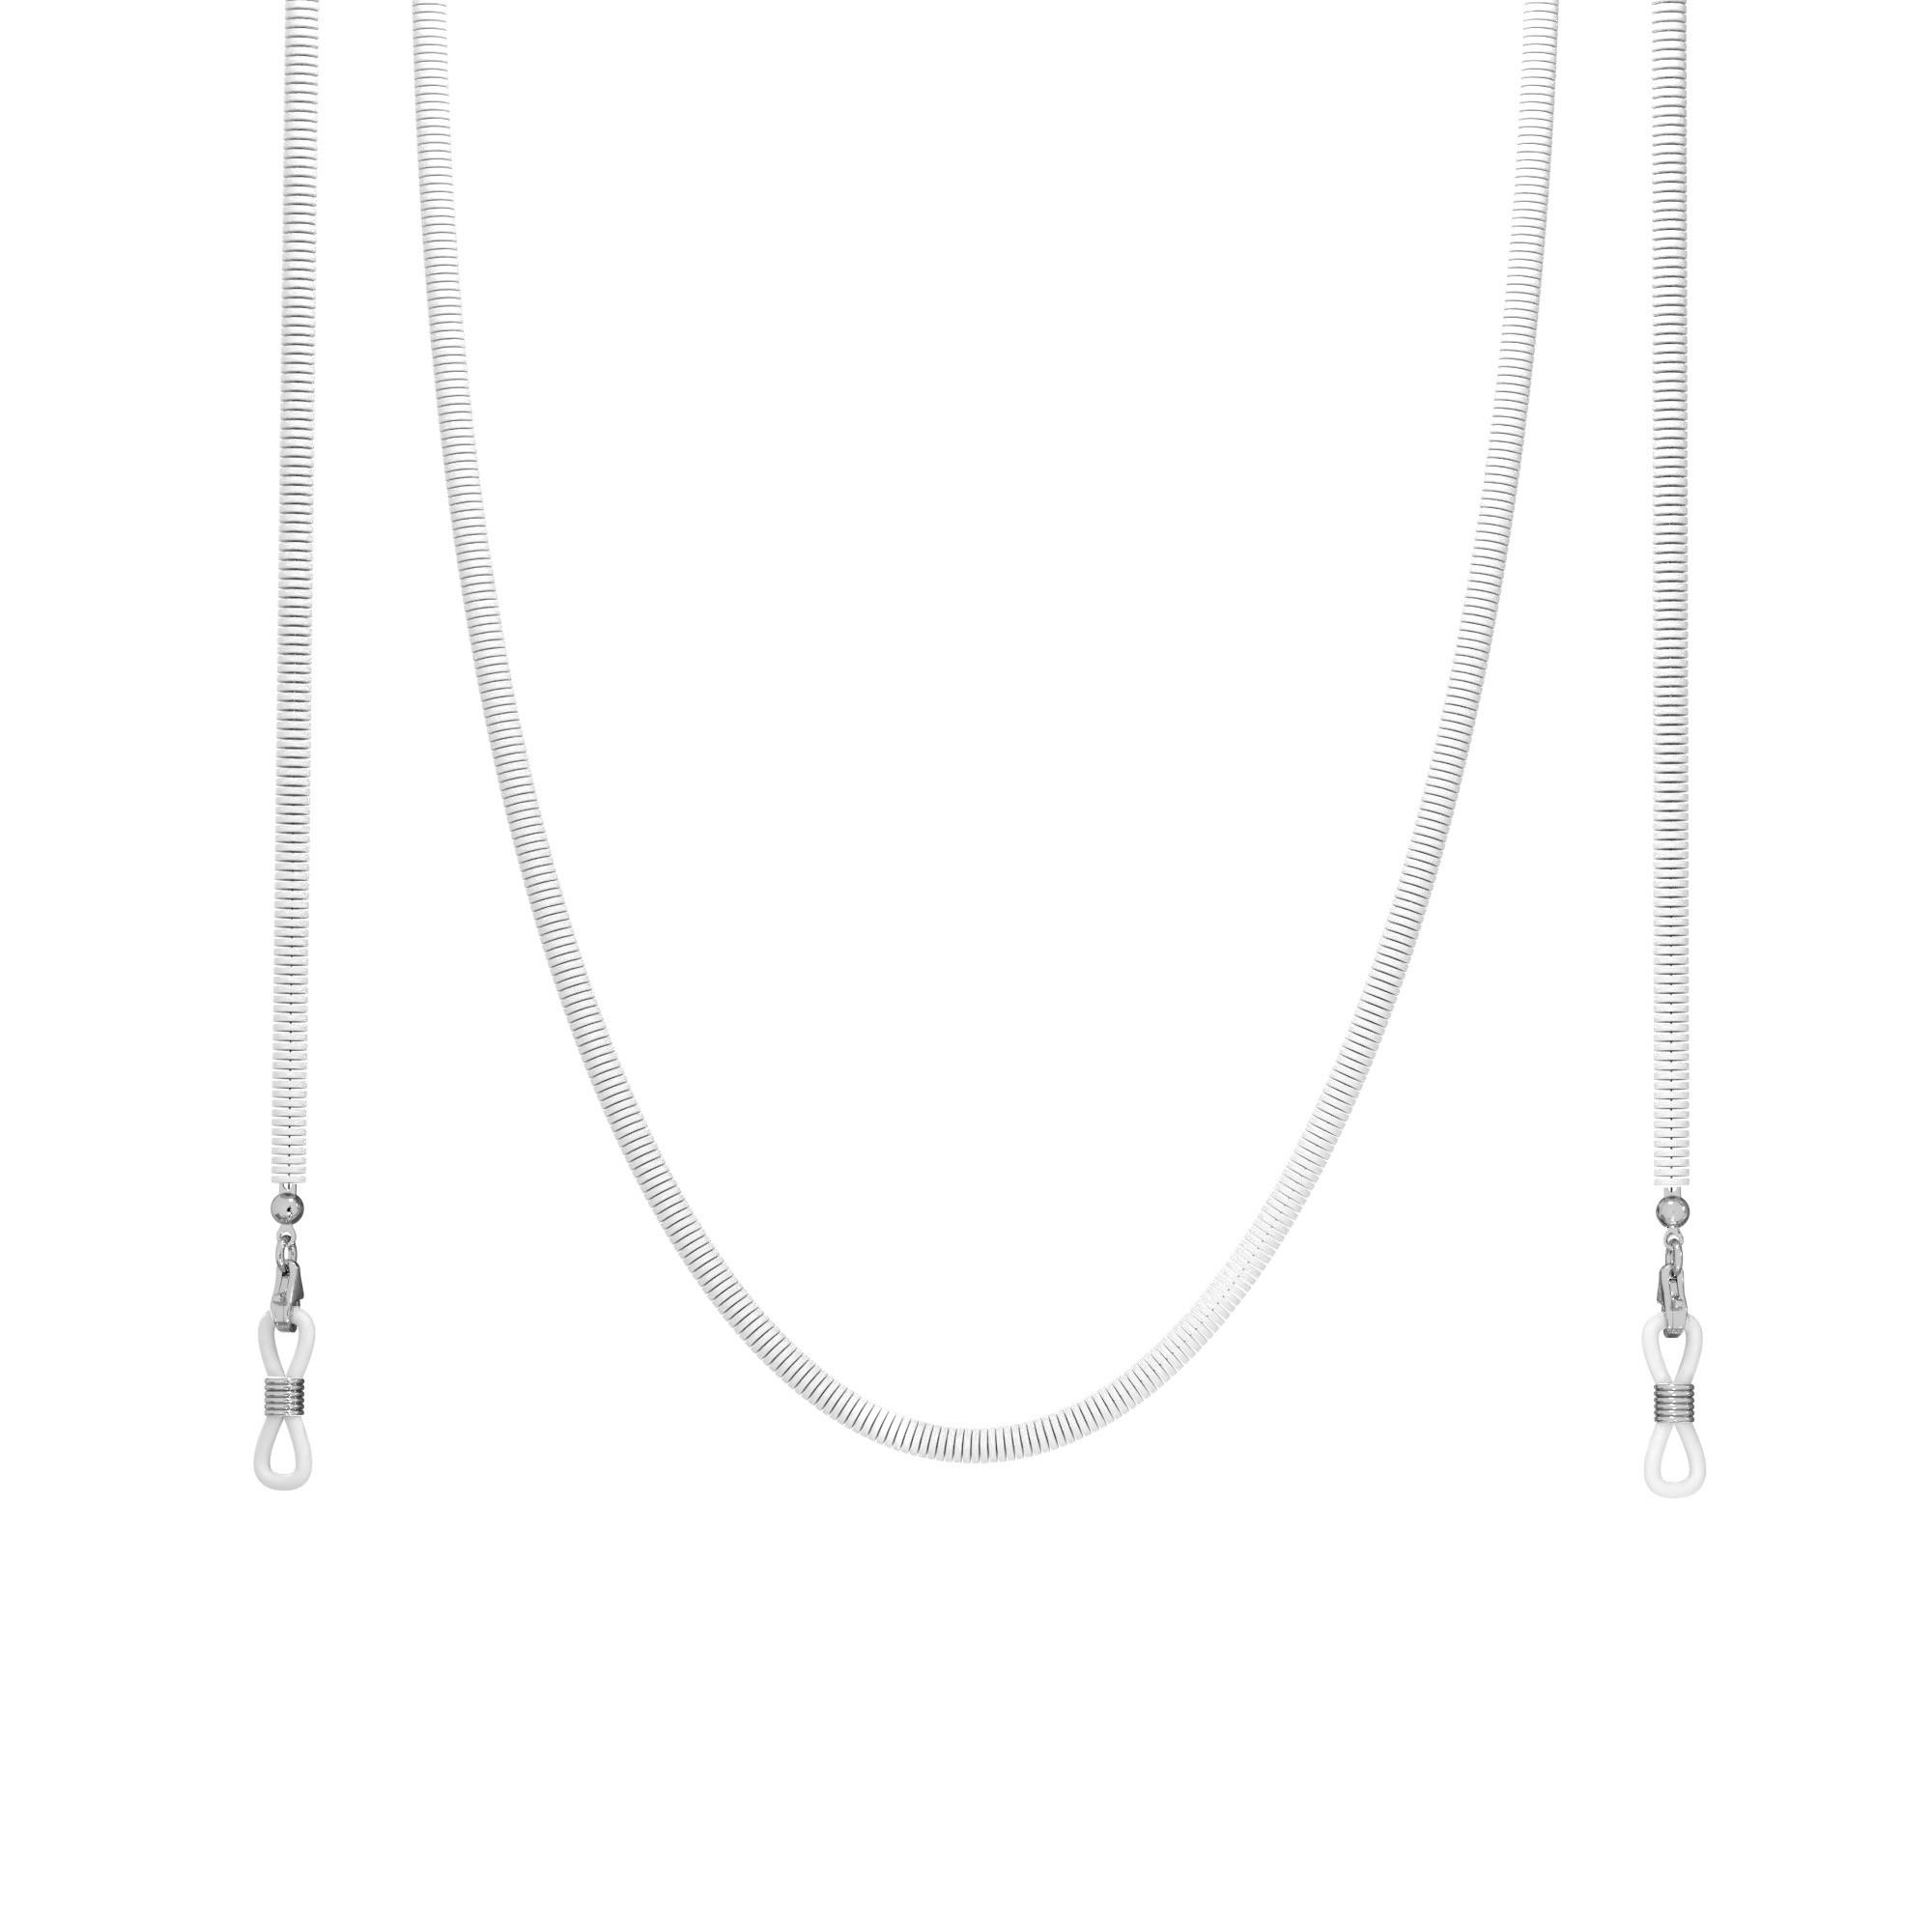 Łańcuszkowy choker z kolorową glinką, MON DÉFI, srebro 925